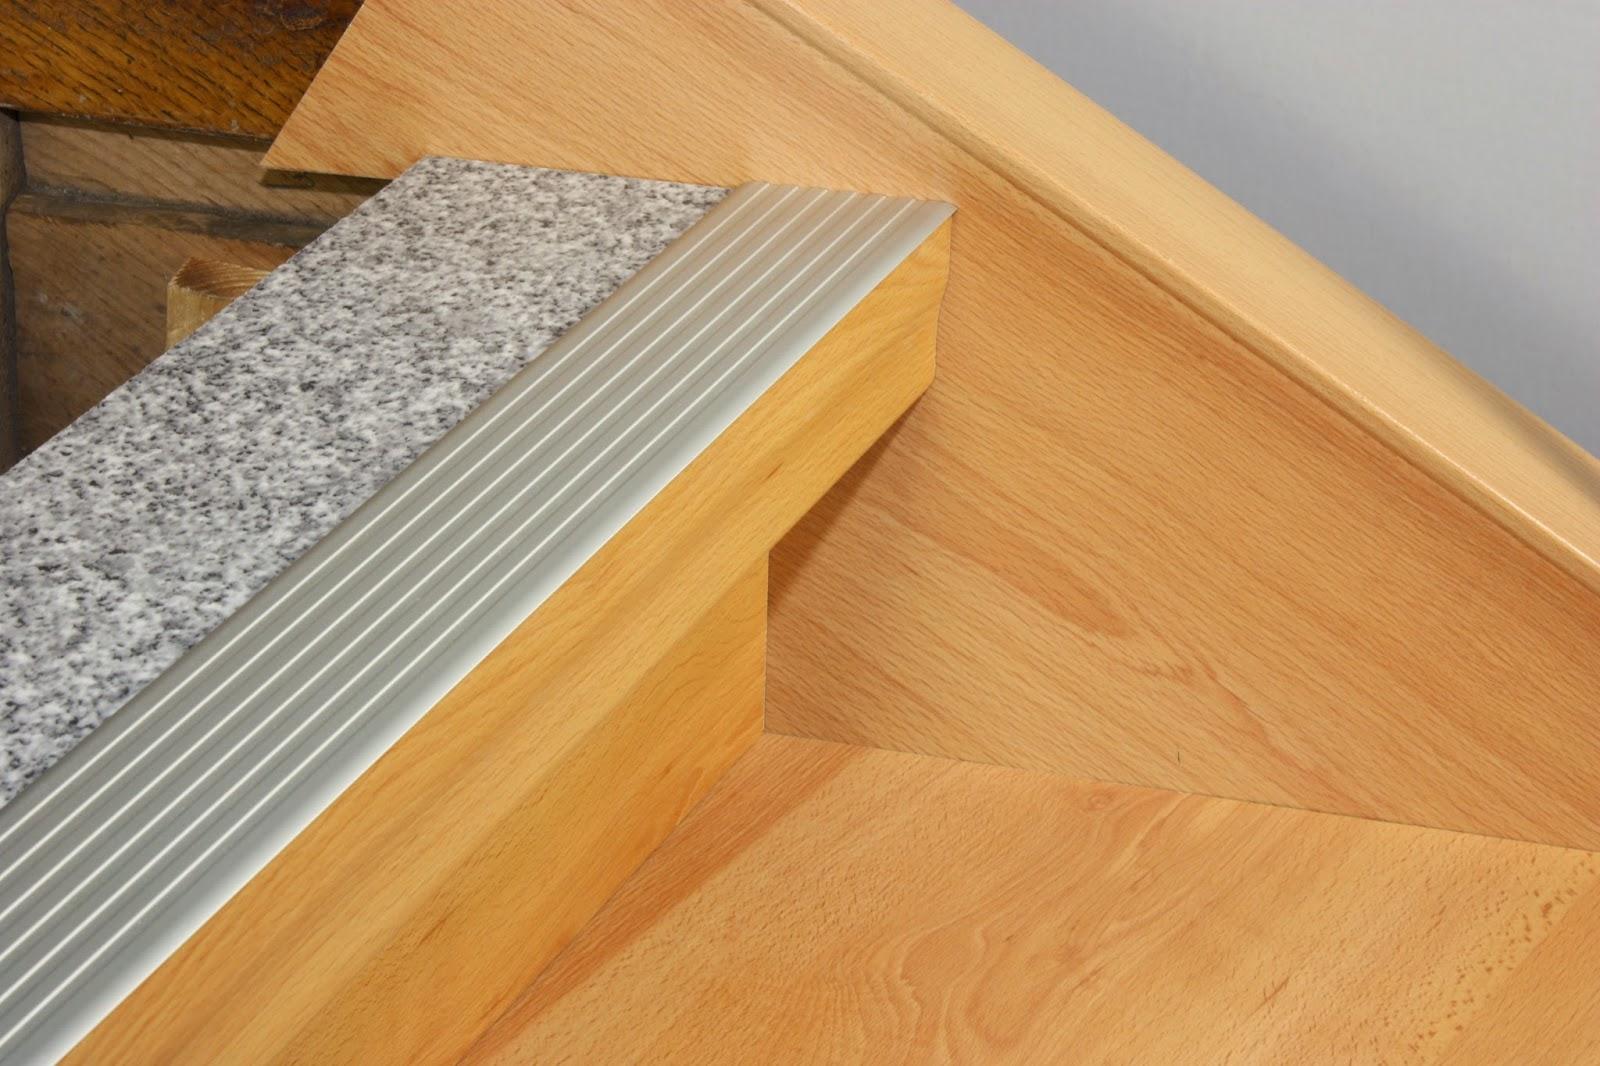 H k treppenrenovierung treppenrenovierung rundkanten for Teppich fa r treppenstufen